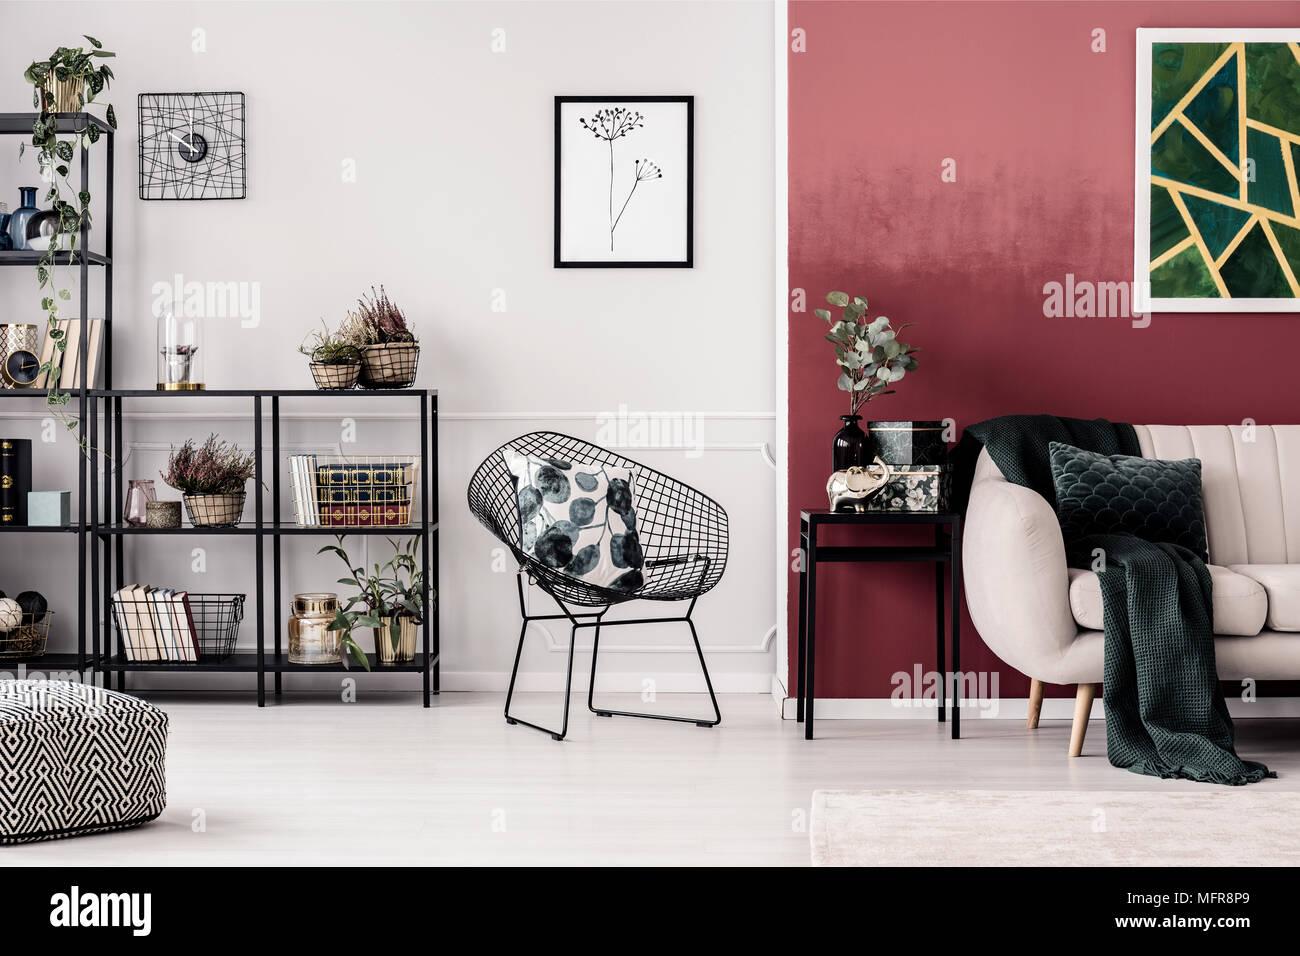 Gemusterten Kissen Auf Sessel Gegen Weiße Wand Mit Plakat In Rot Wohnzimmer  Einrichtung Mit Sofa